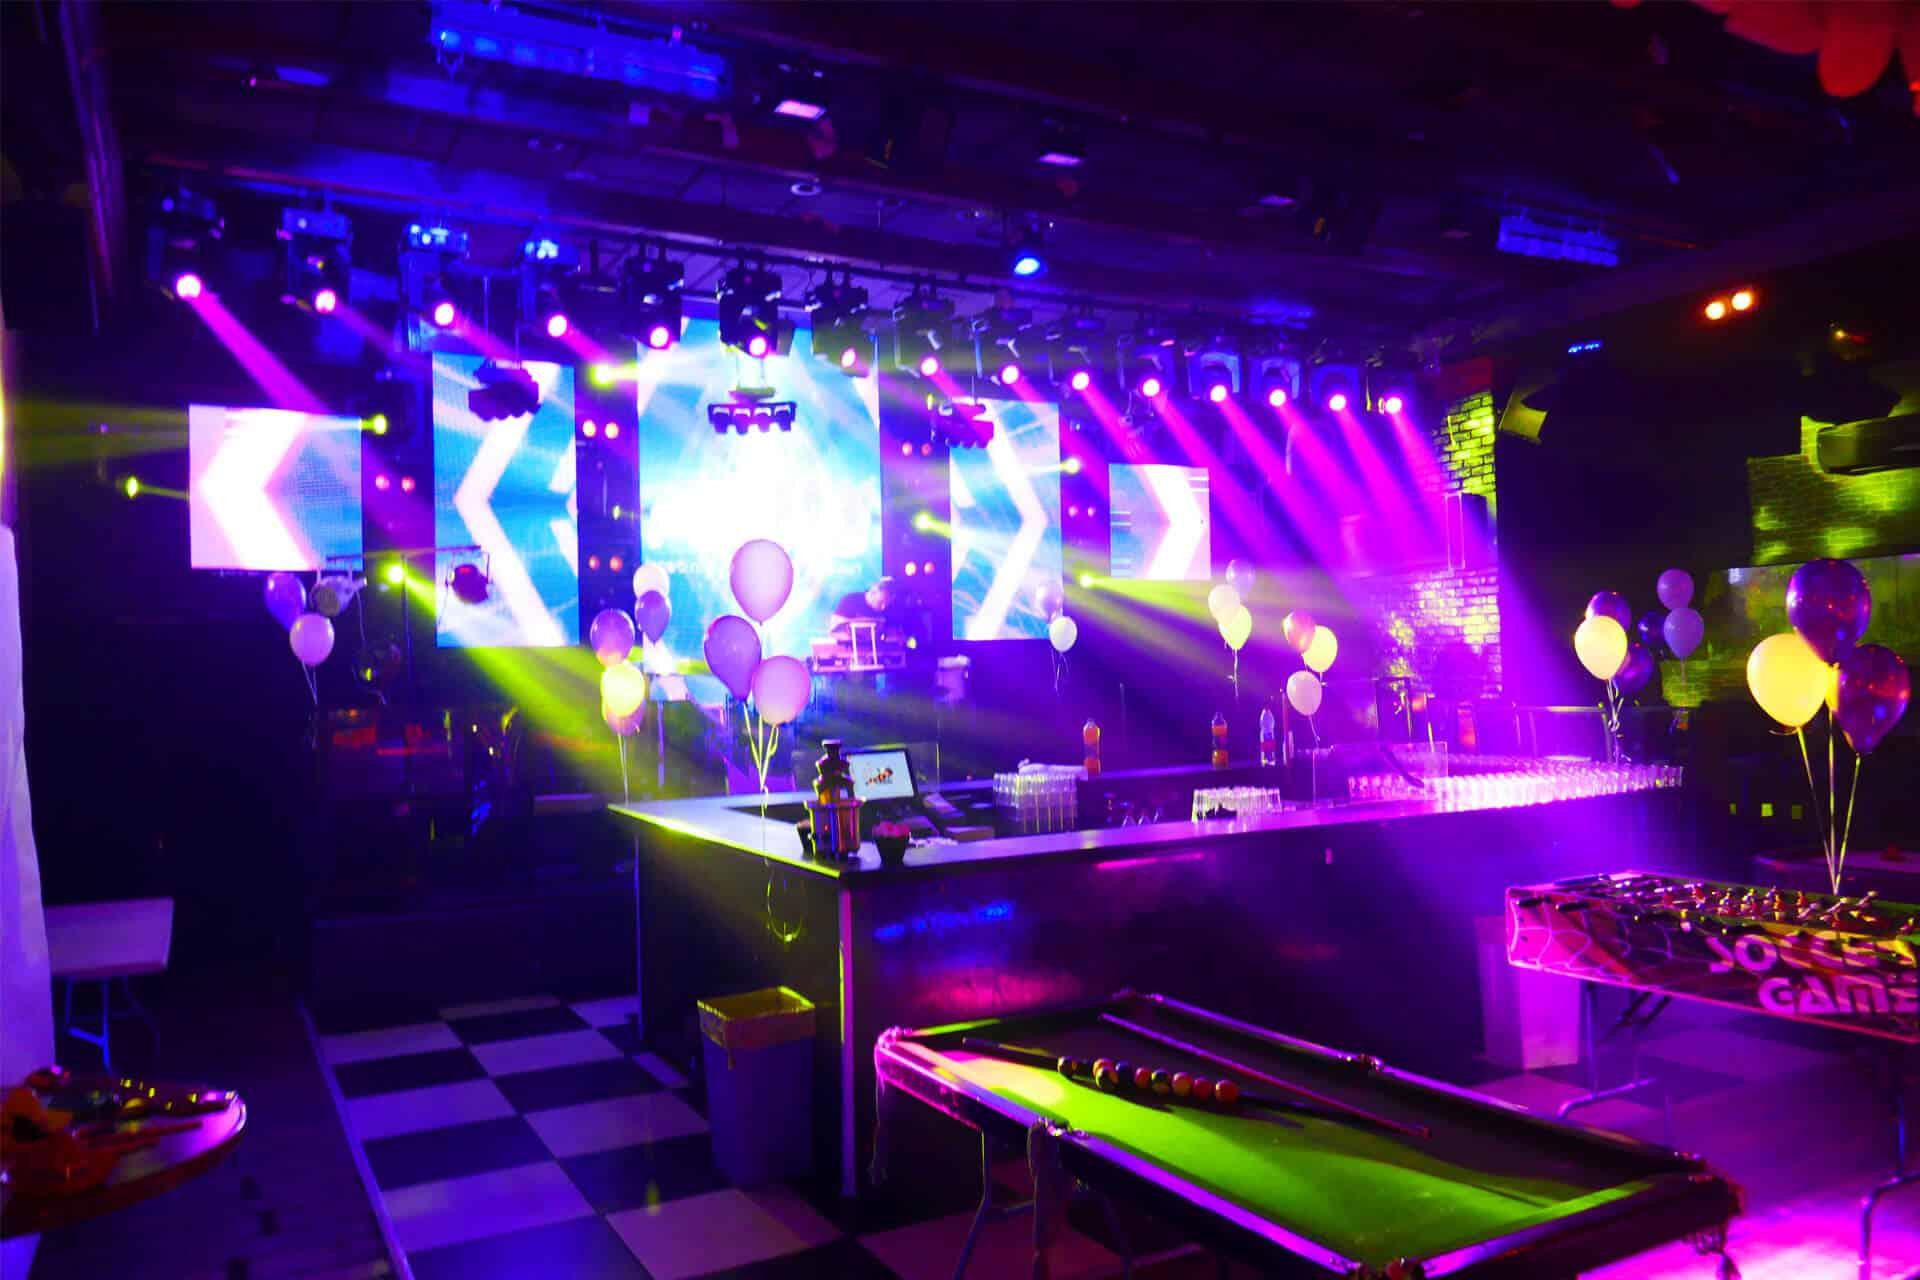 תמונה של מועדון לבת מצווה - קויה אמסטרדם